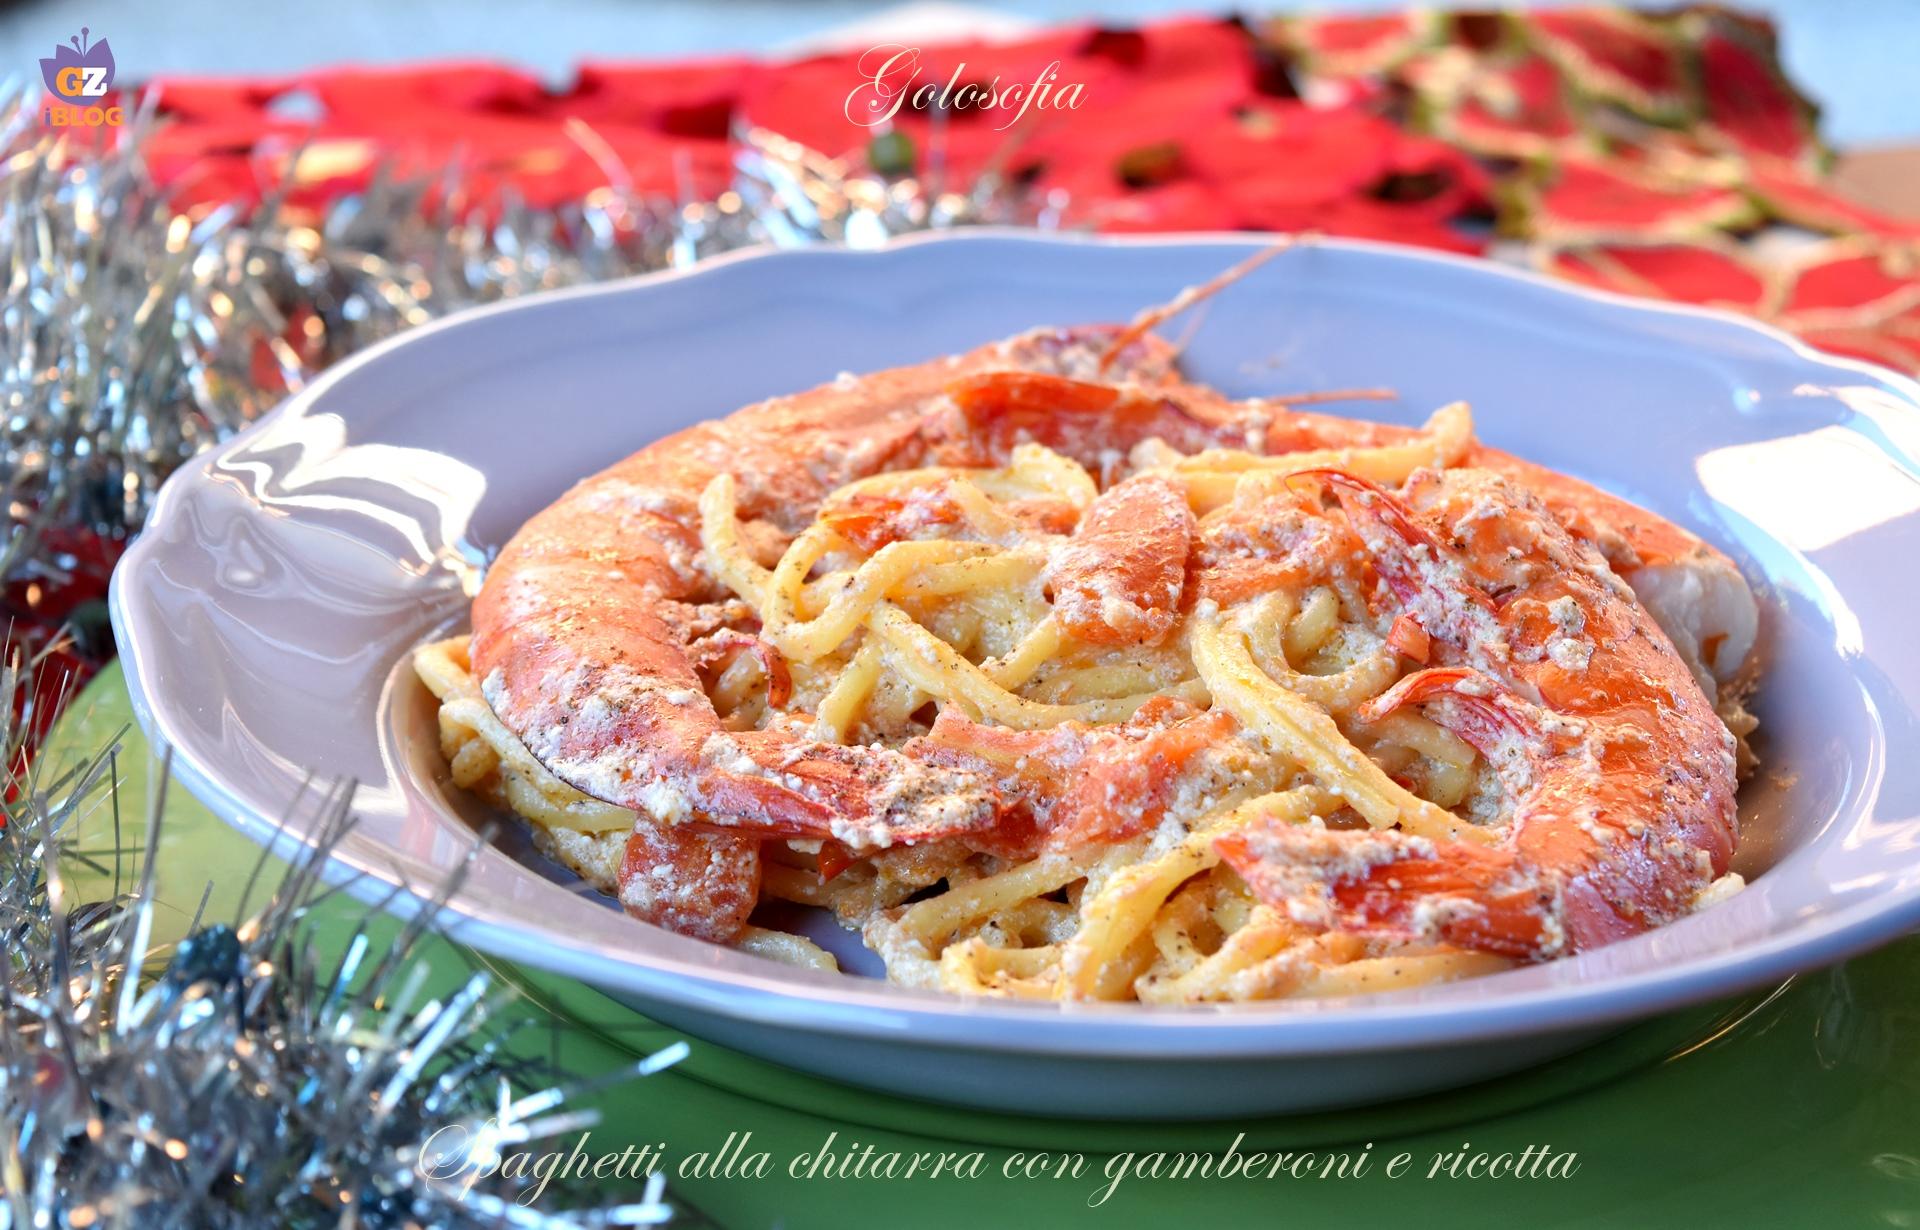 Spaghetti alla chitarra con gamberoni e ricotta-ricetta primi-golosofia